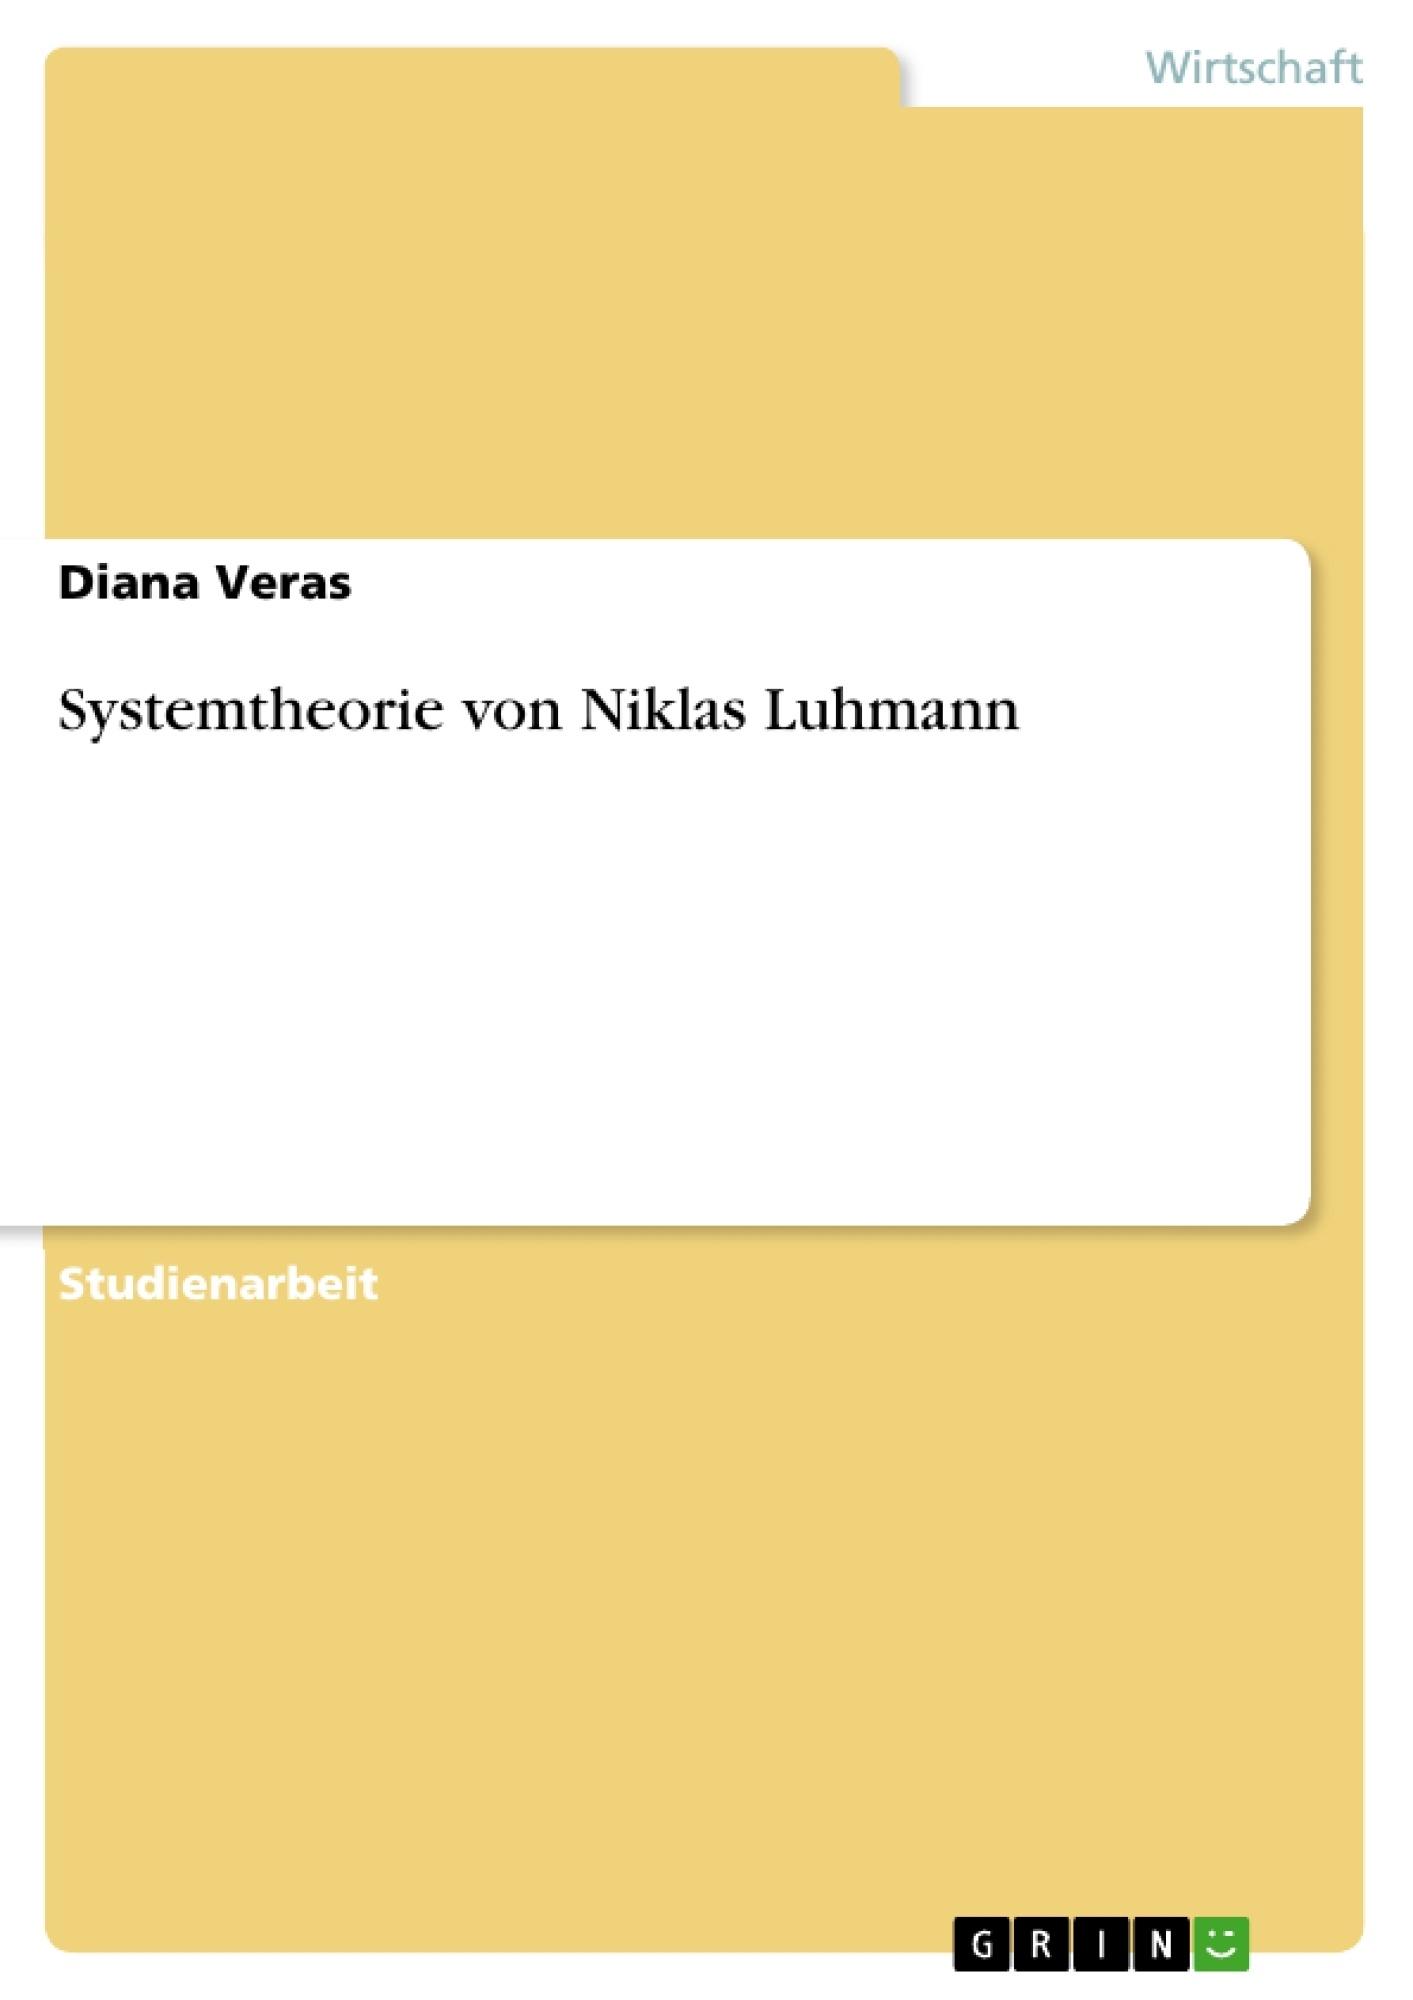 Titel: Systemtheorie von Niklas Luhmann